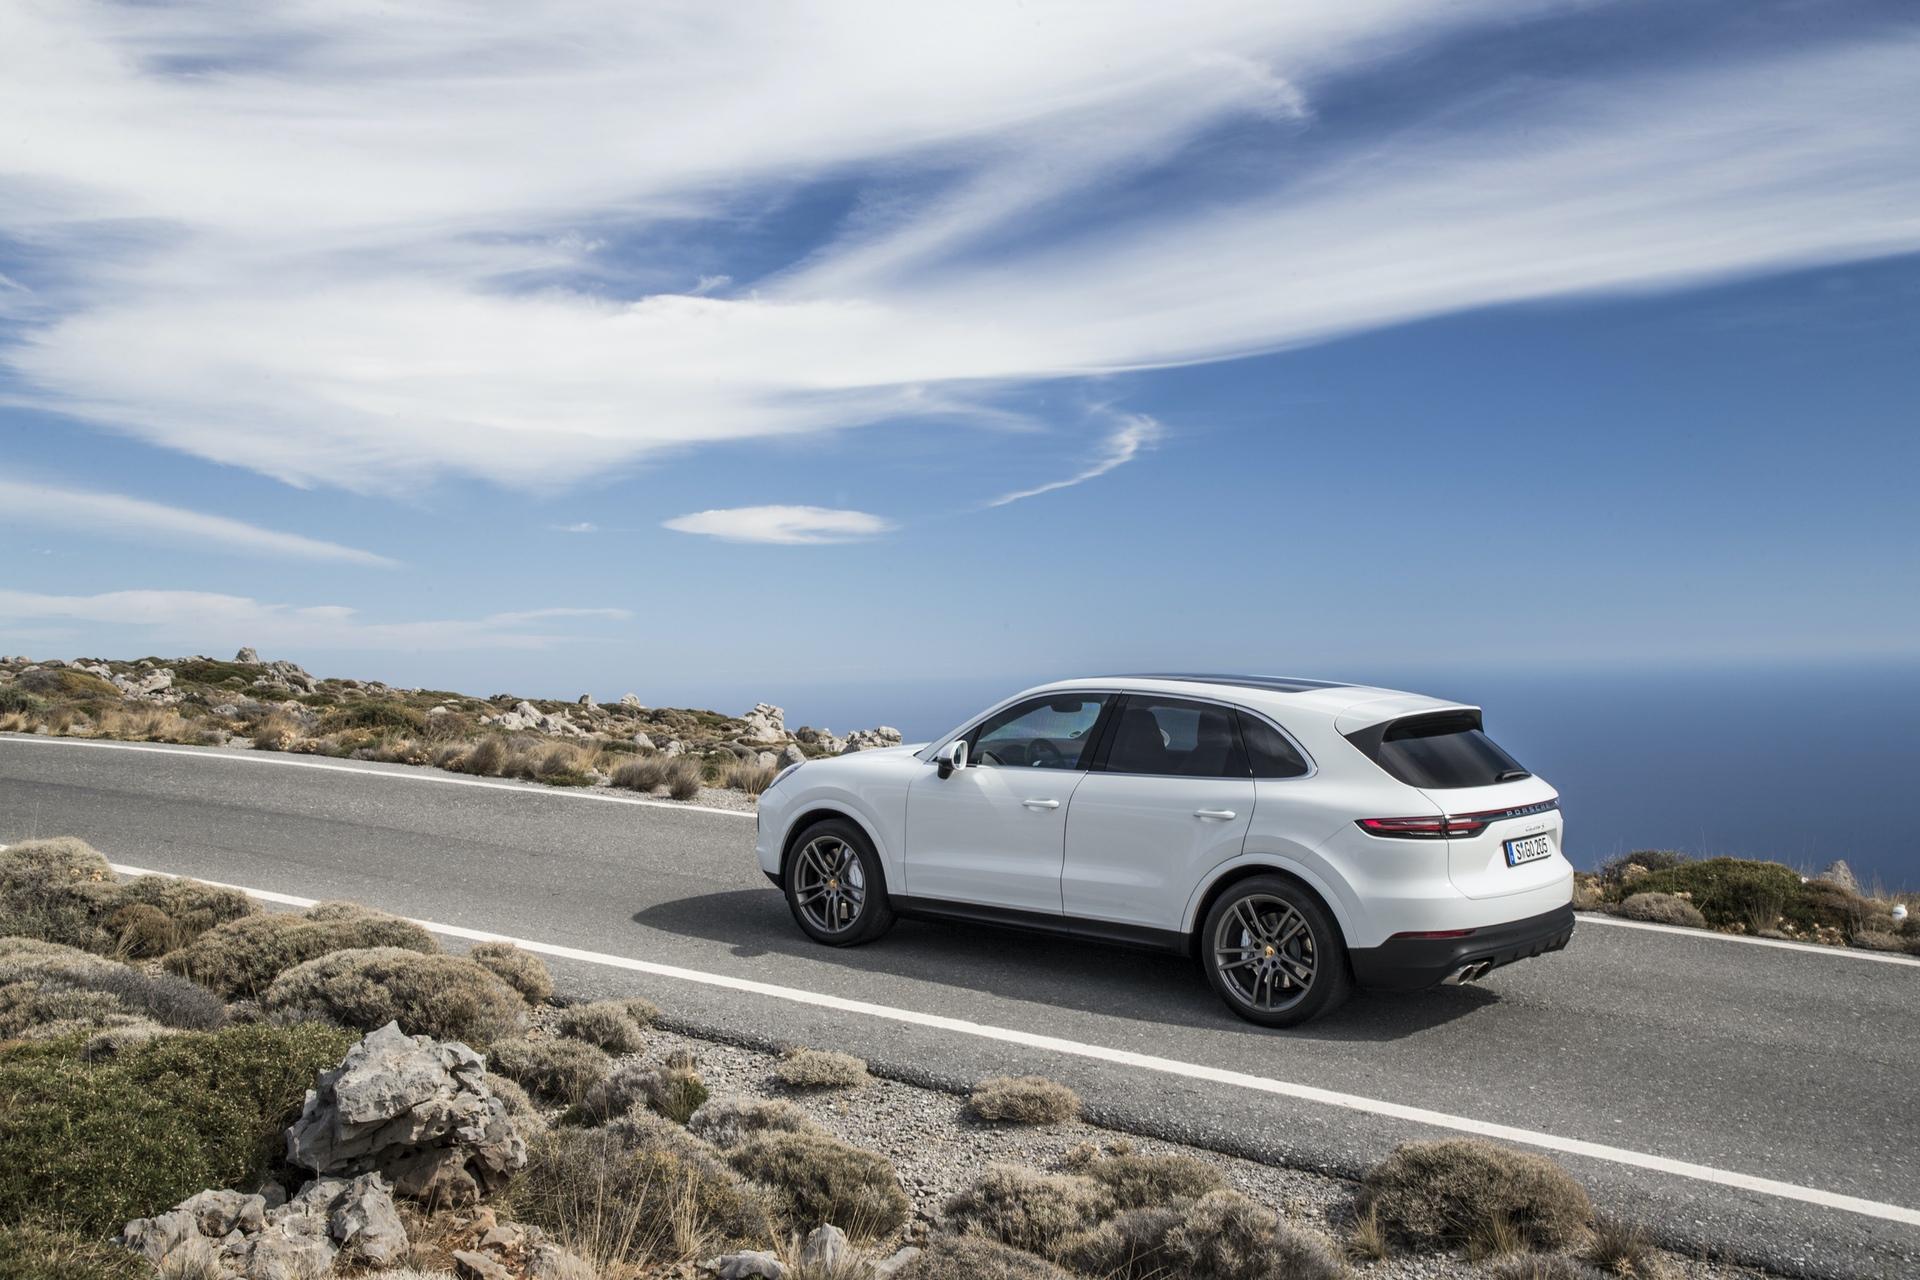 Test_Drive_Porsche_Cayenne_217